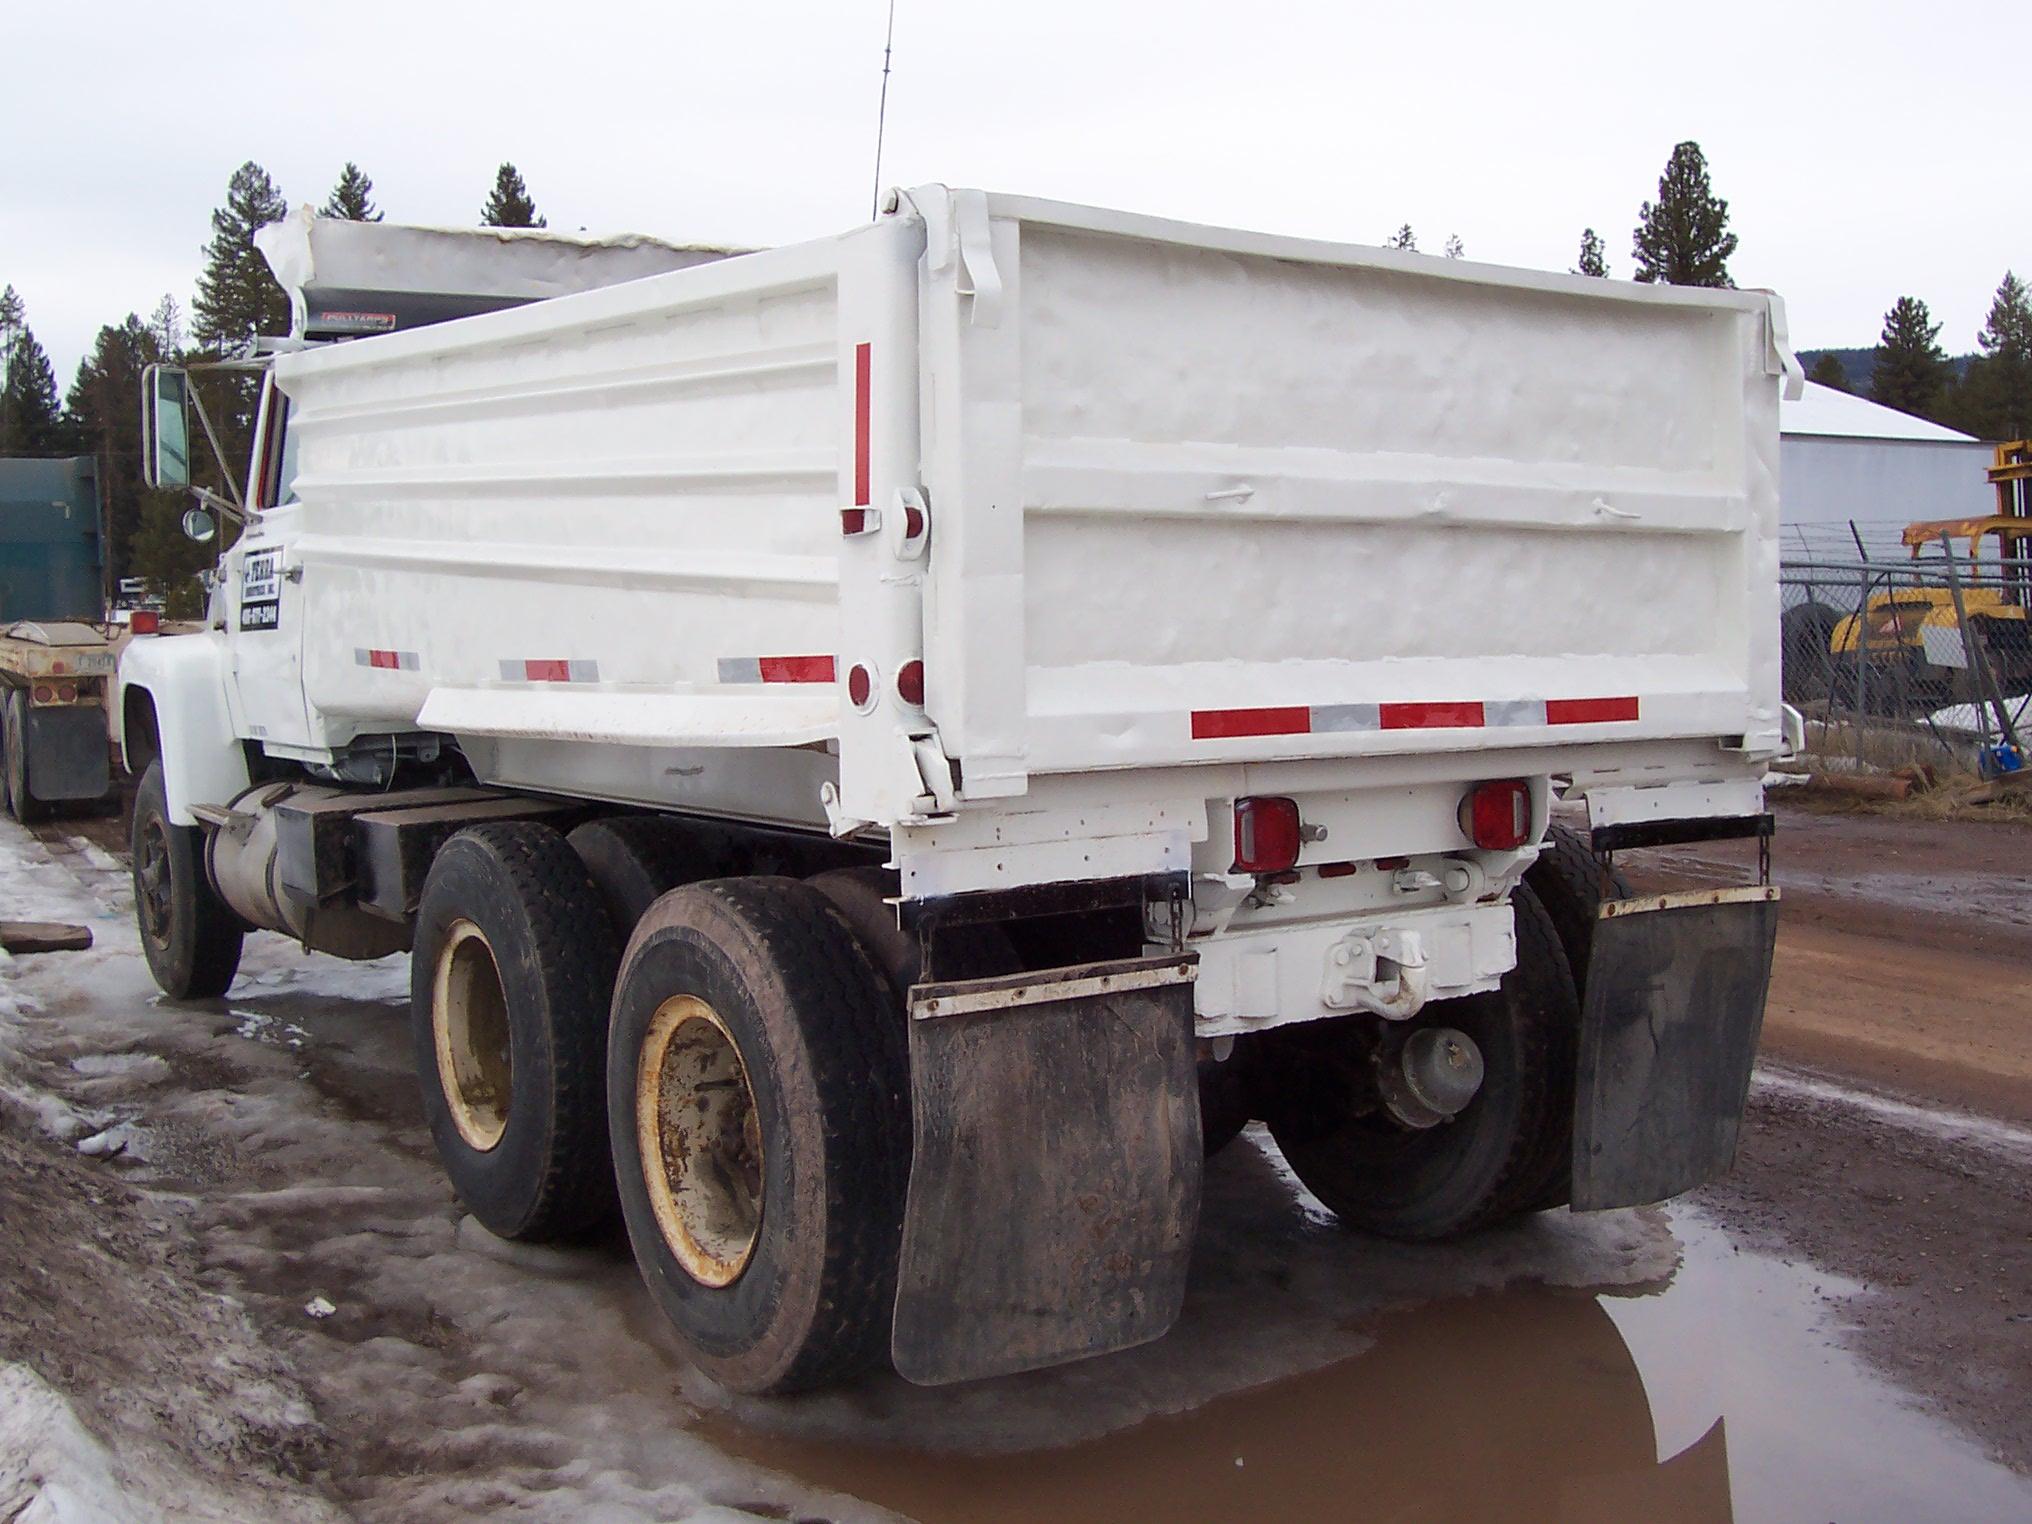 1979 ford lt9000 dump truck for sale seely lake mt 236784. Black Bedroom Furniture Sets. Home Design Ideas